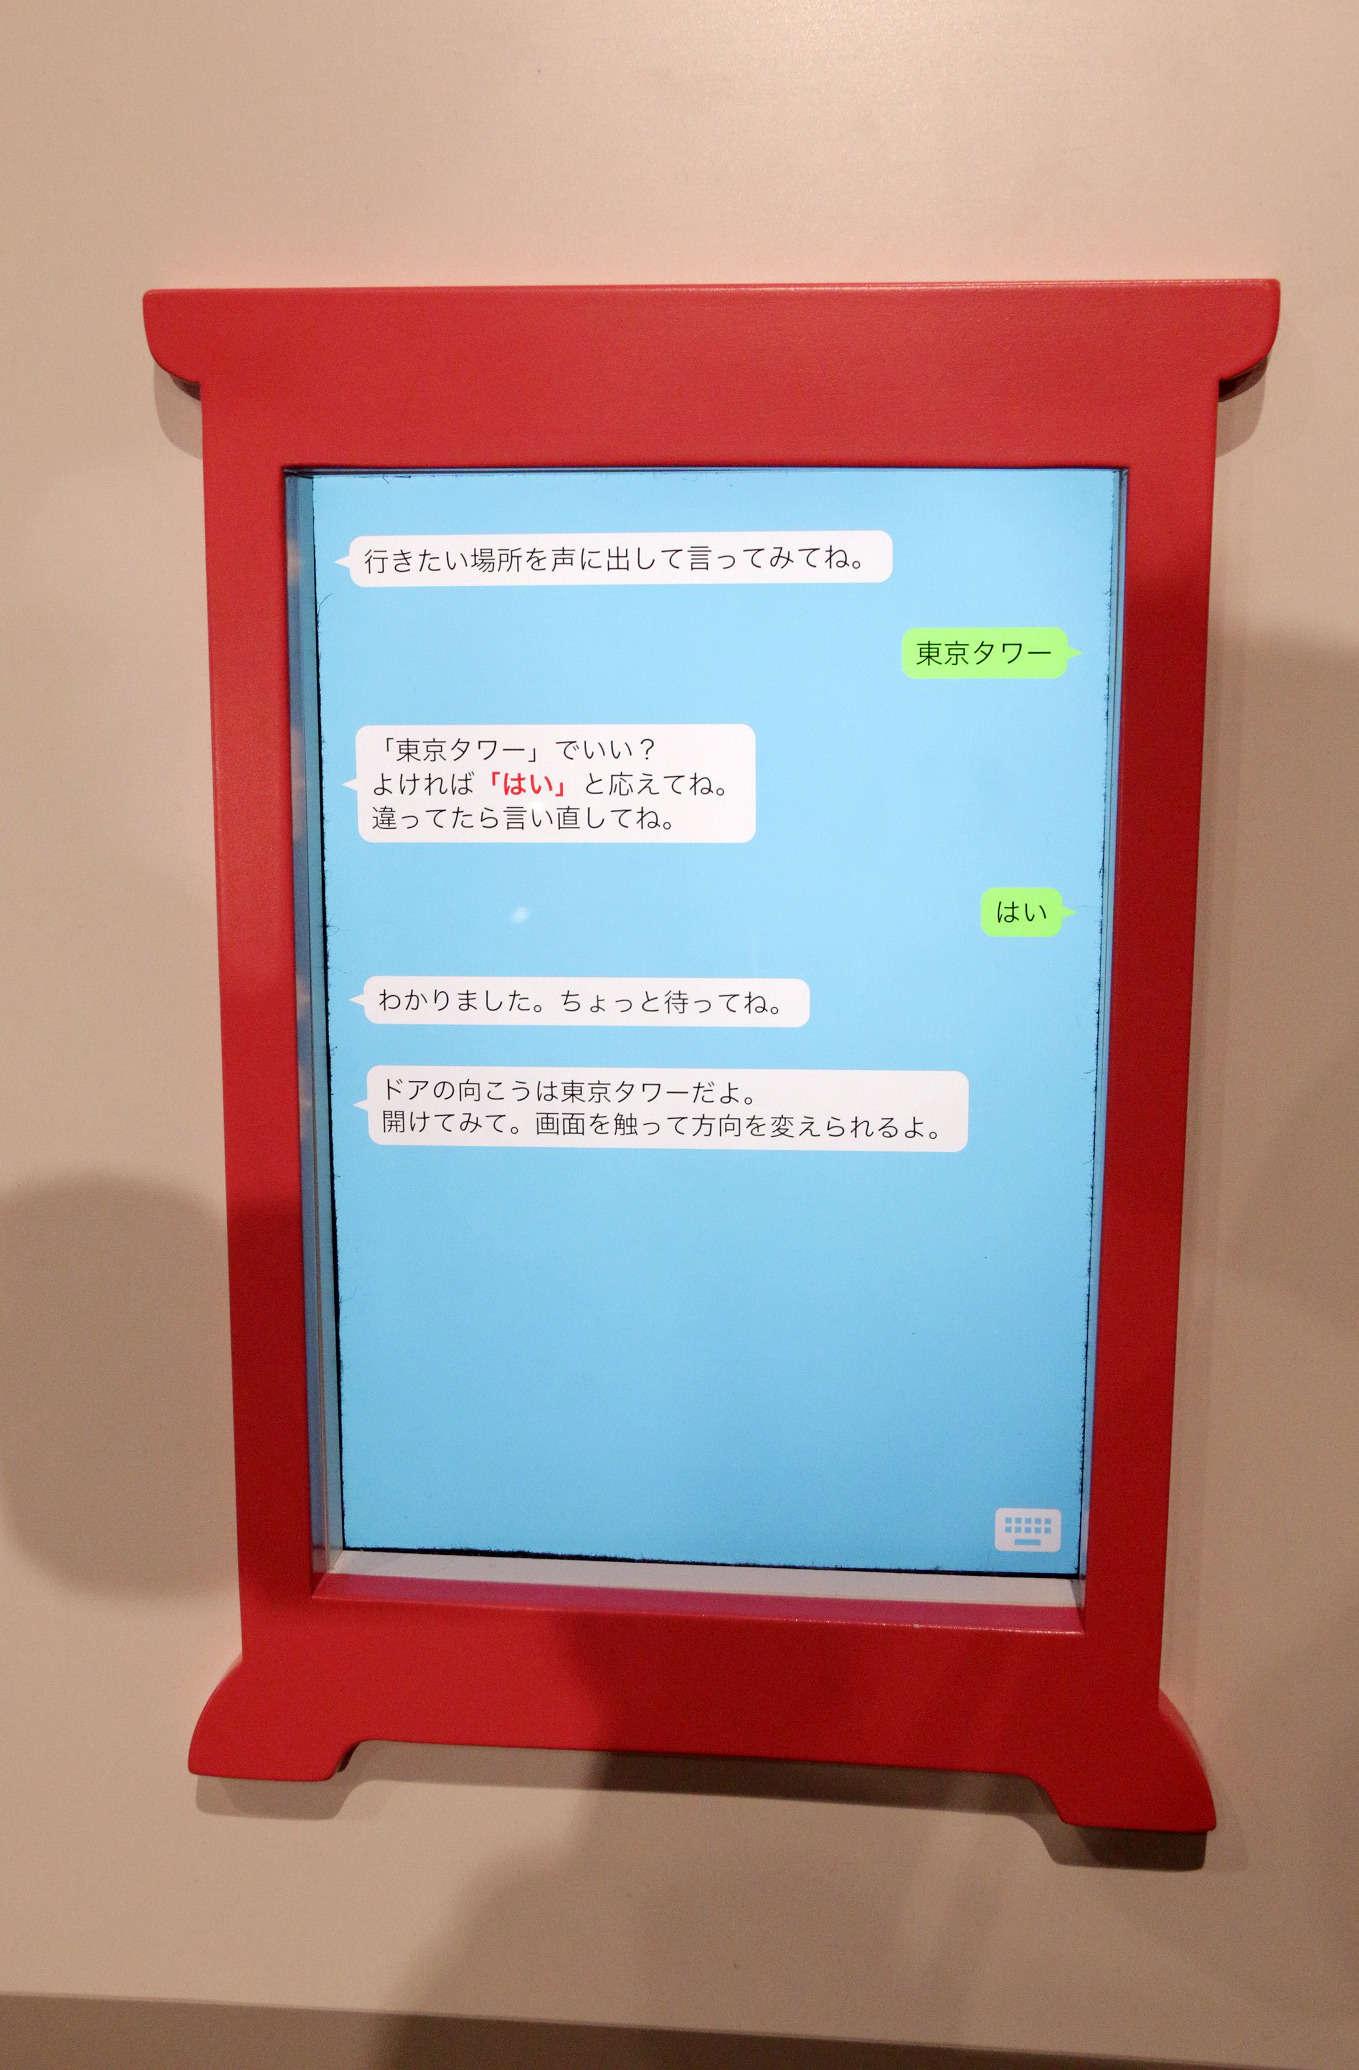 哆啦A梦未来百货店 哆啦A梦